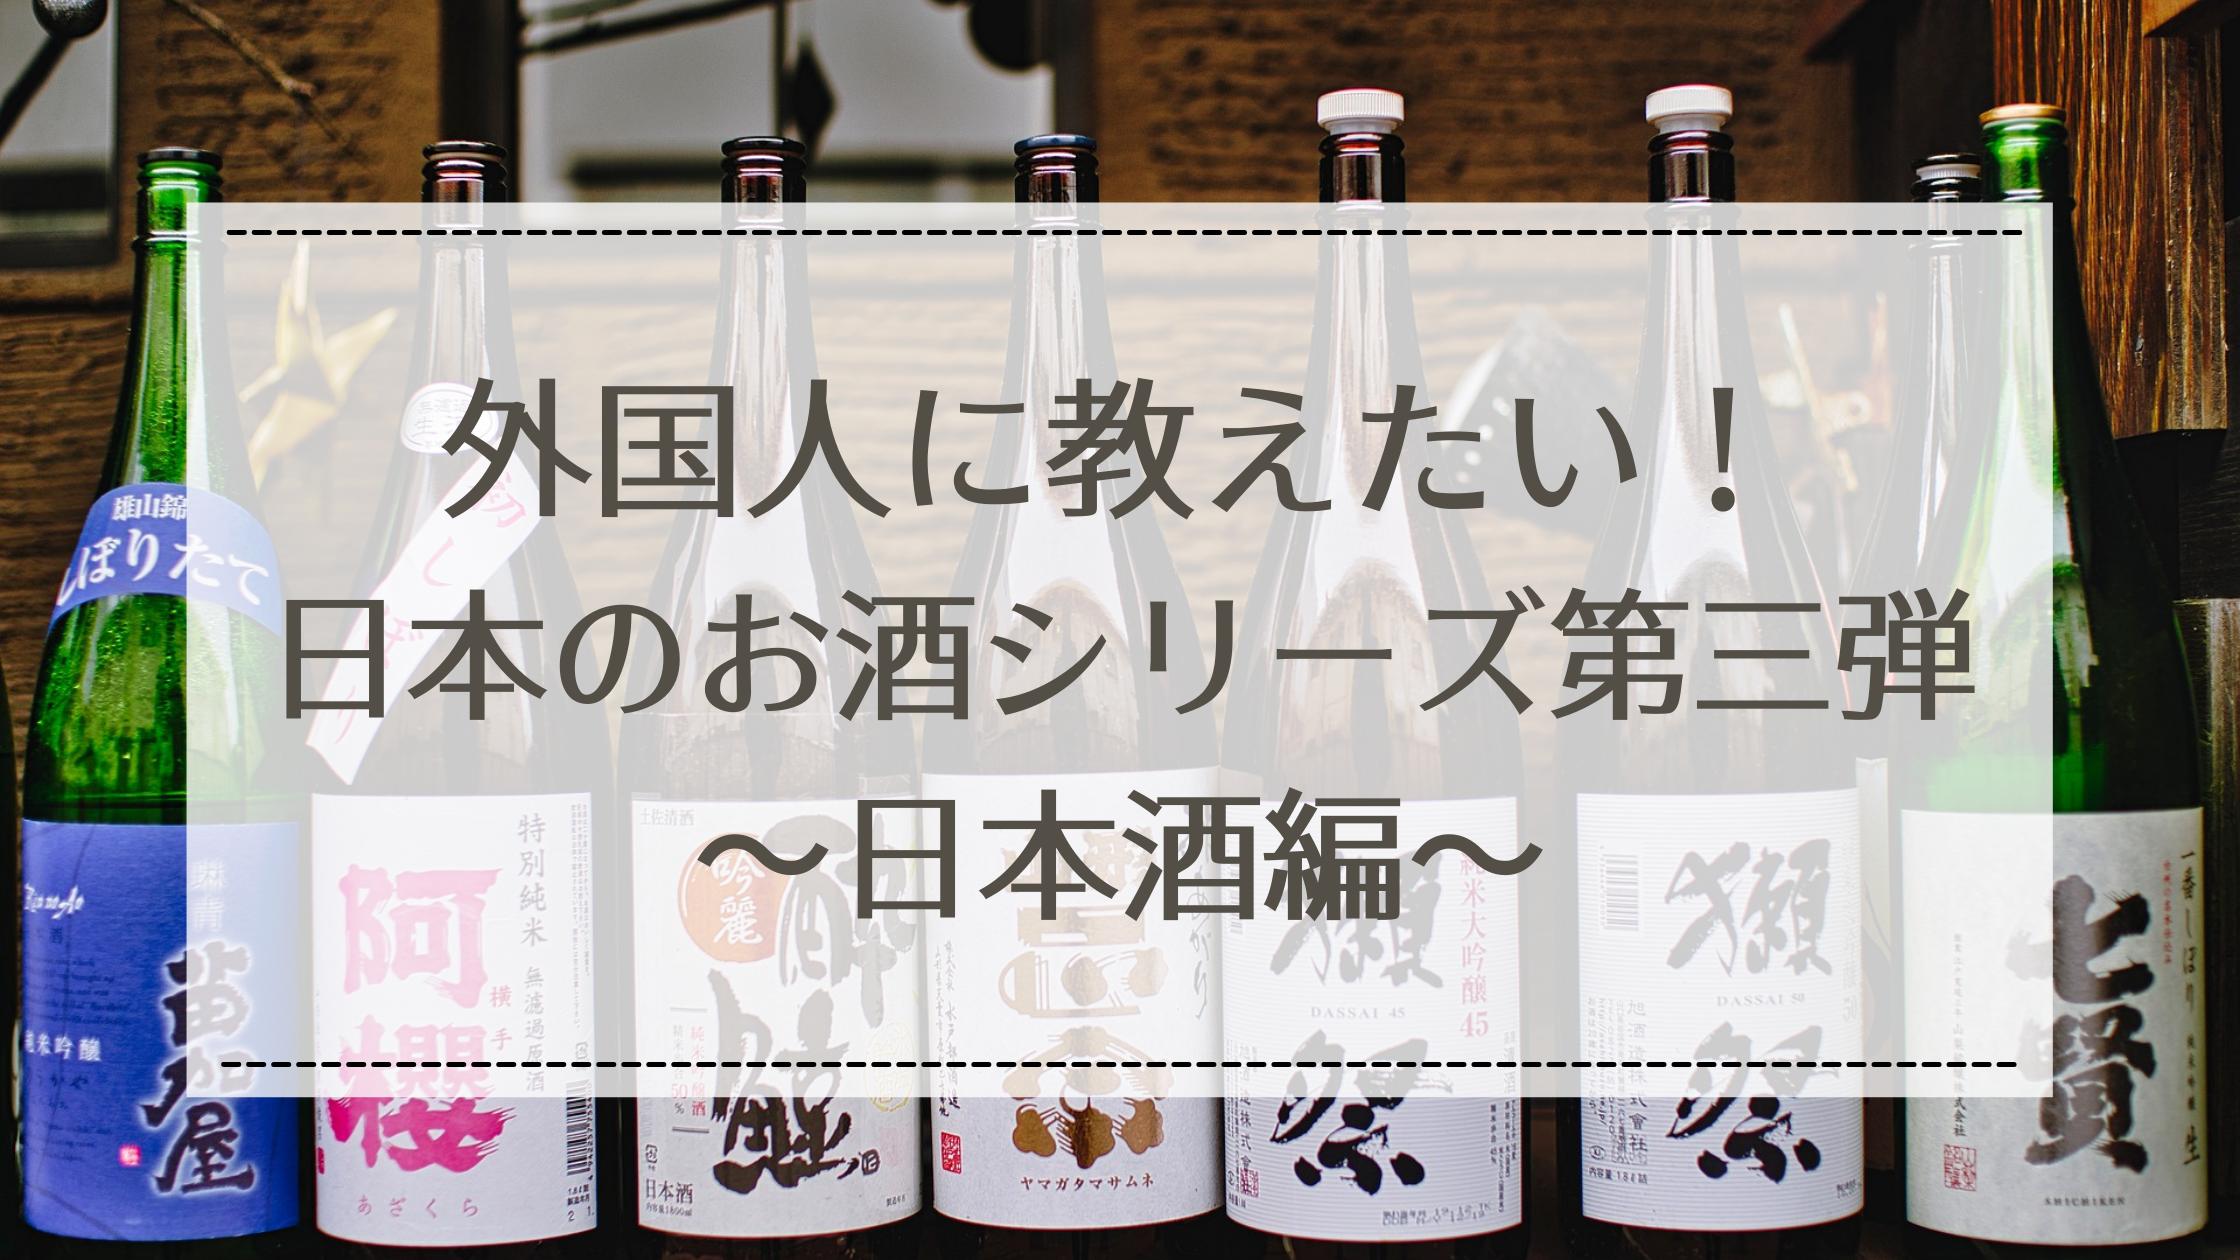 外国人に教えたい!日本のお酒シリーズ第三弾~日本酒編~